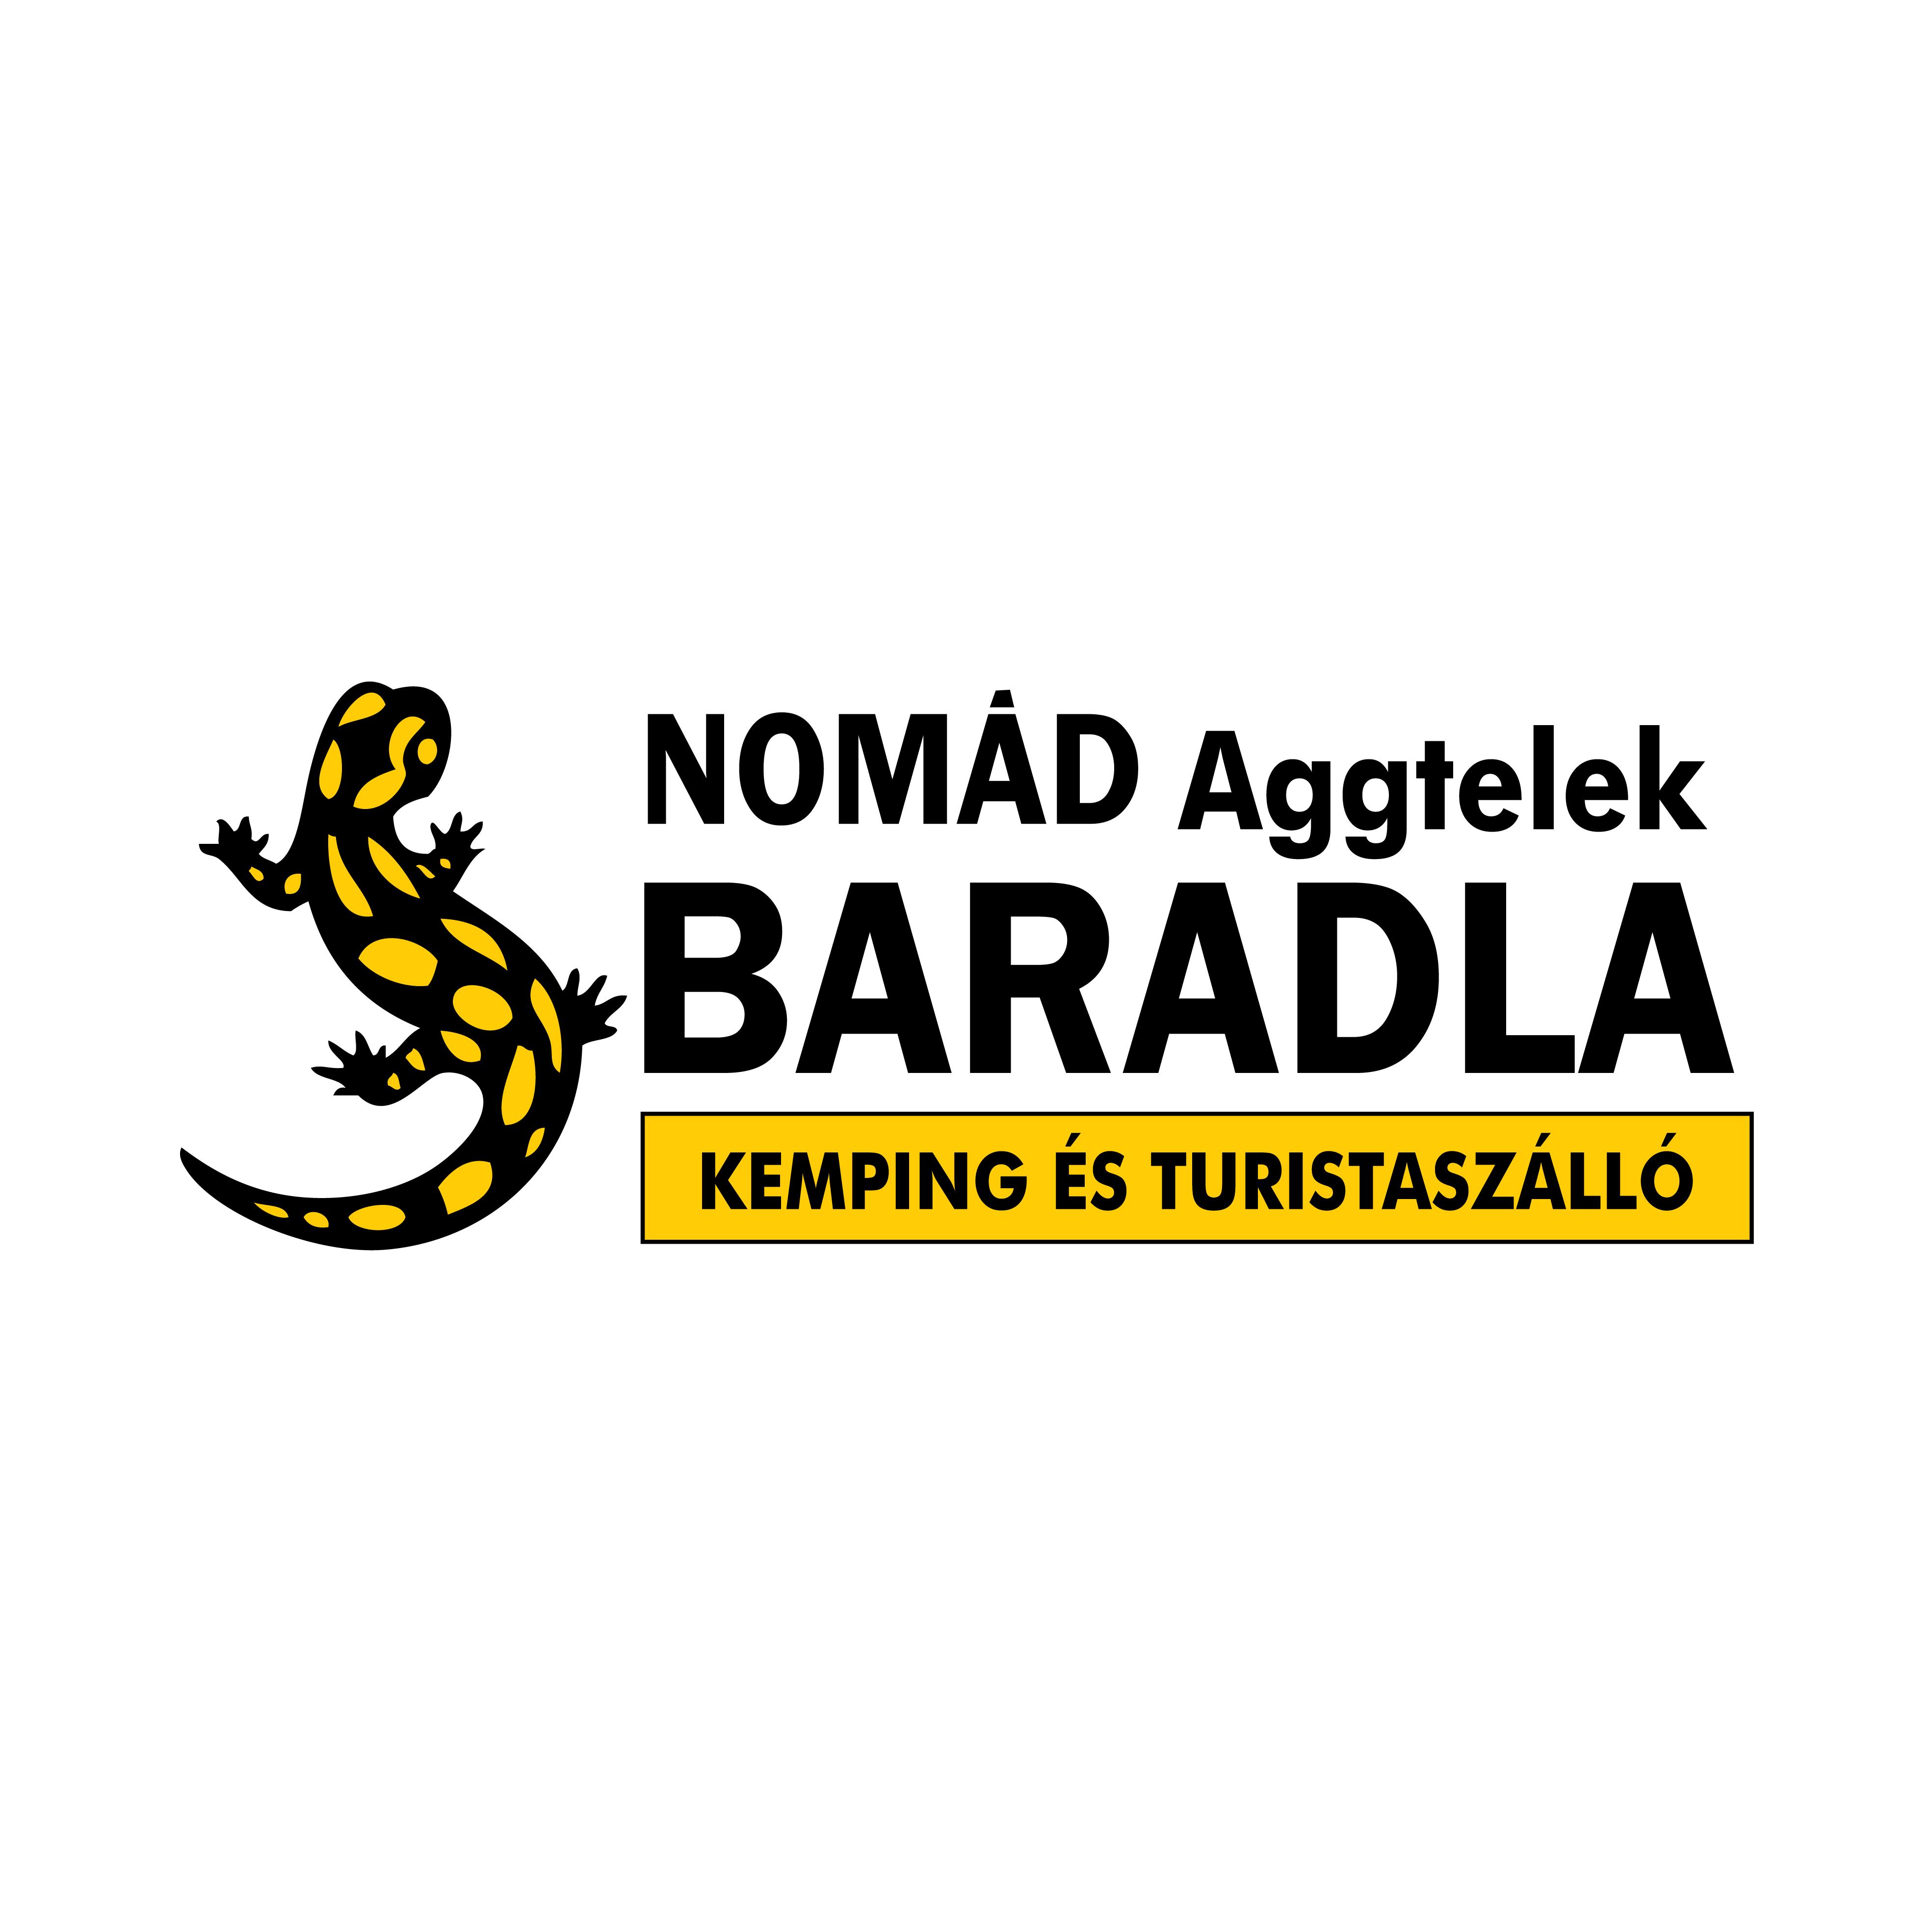 Baradla Kemping és Turistaszálló